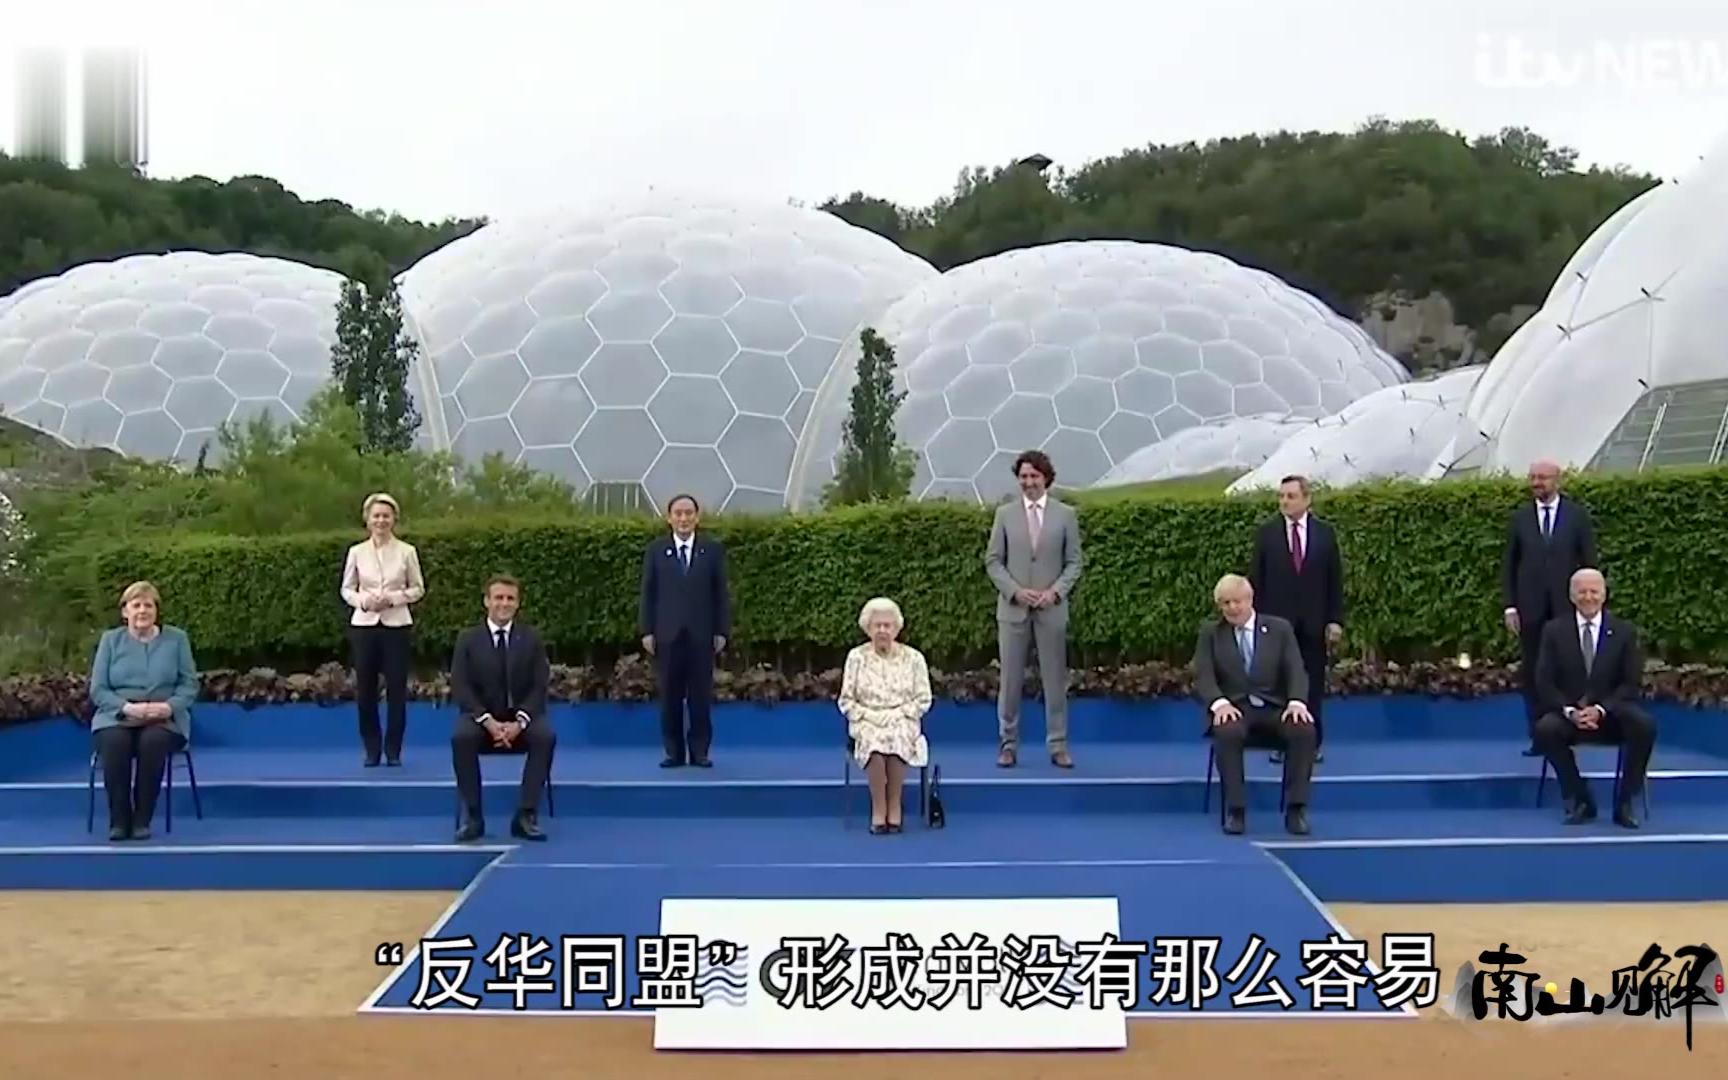 宁南山:我对比了中国与G7的工业实力,才明白拜登为什么着急反华